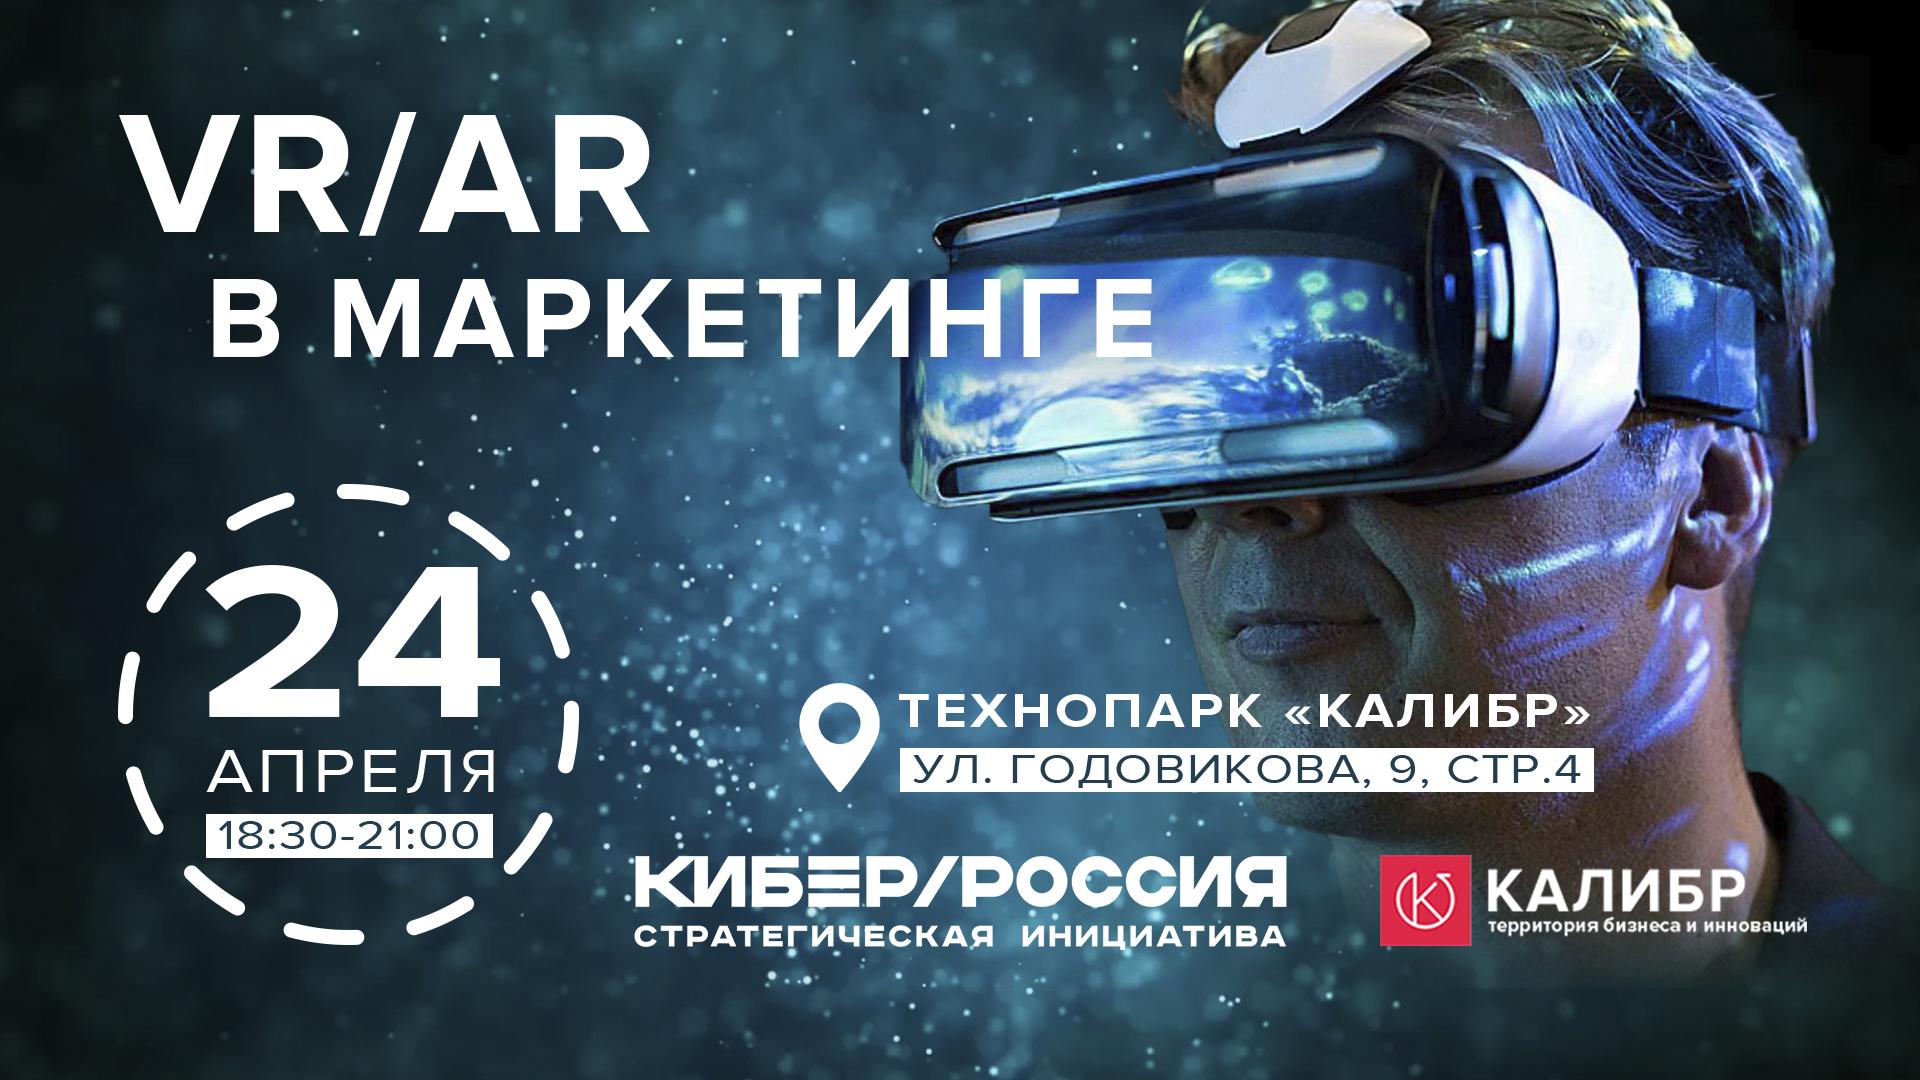 Технологический Meet Up «VR/AR в маркетинге» в России.